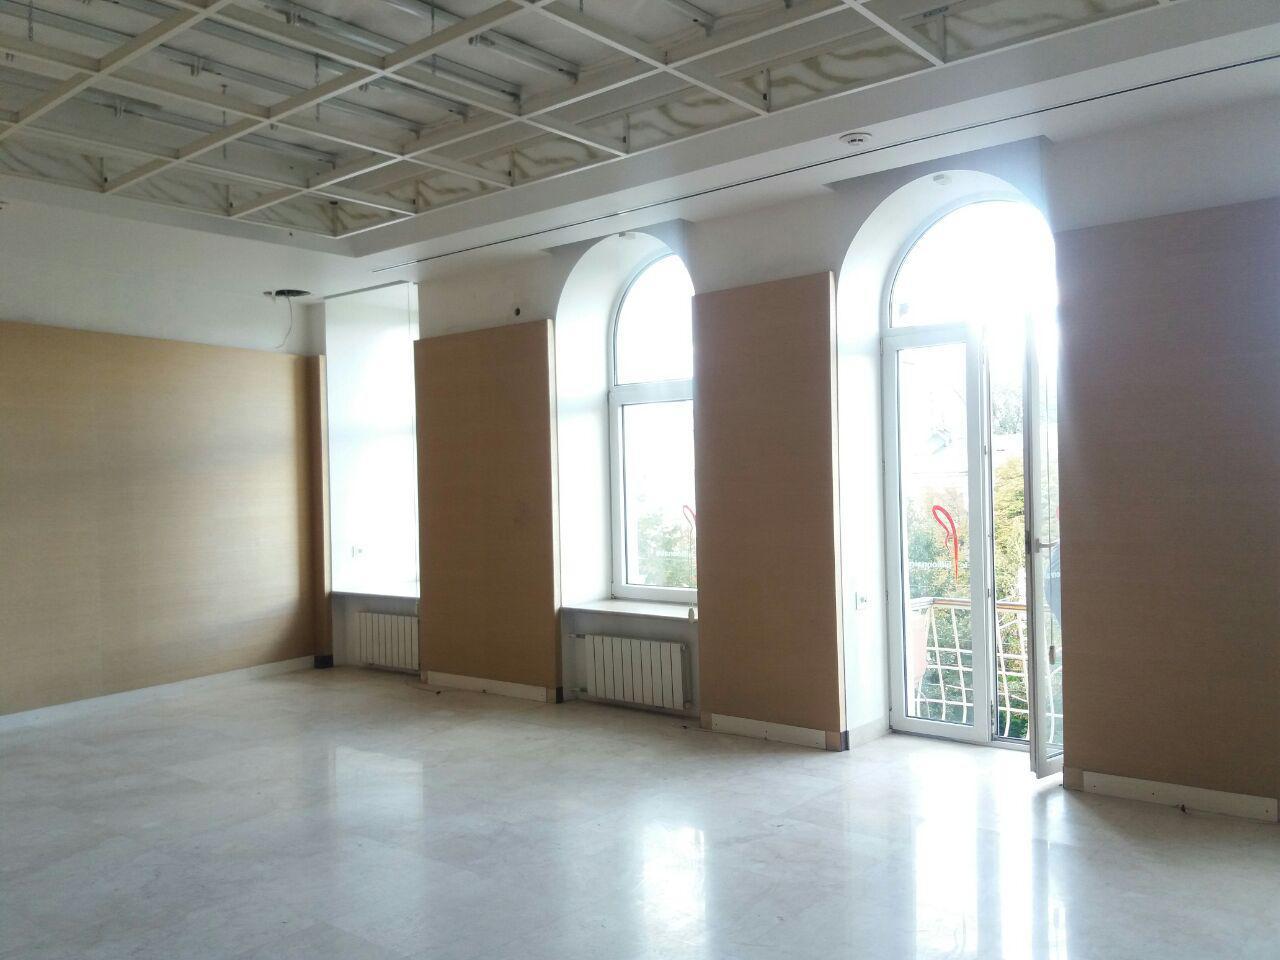 Продам офисное помещение Днепропетровск, Дмитрия Яворницкого пр. 5